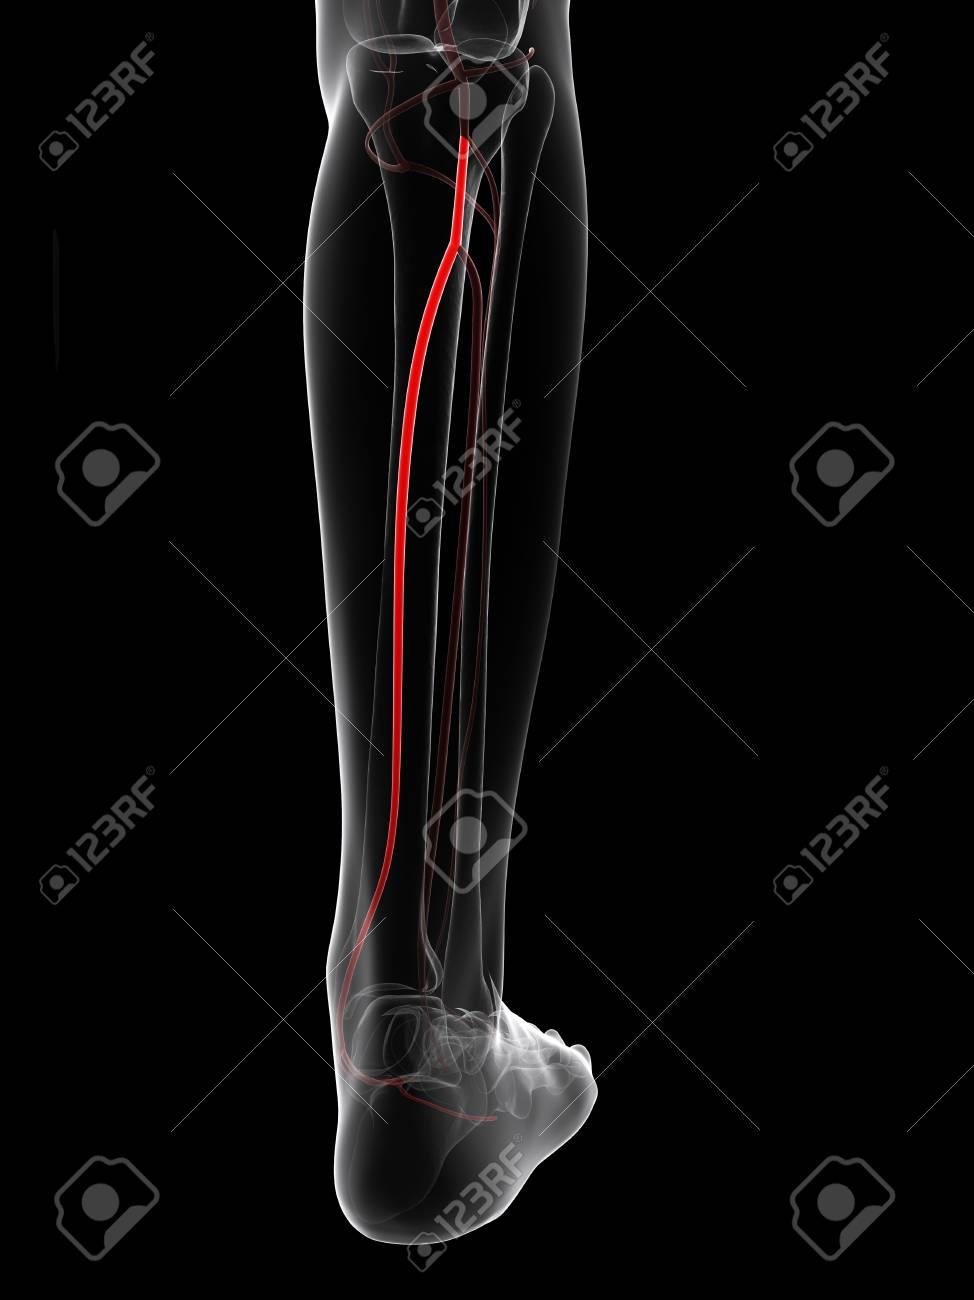 Calf Artery Computer Artwork Showing The Posterior Tibial Artery